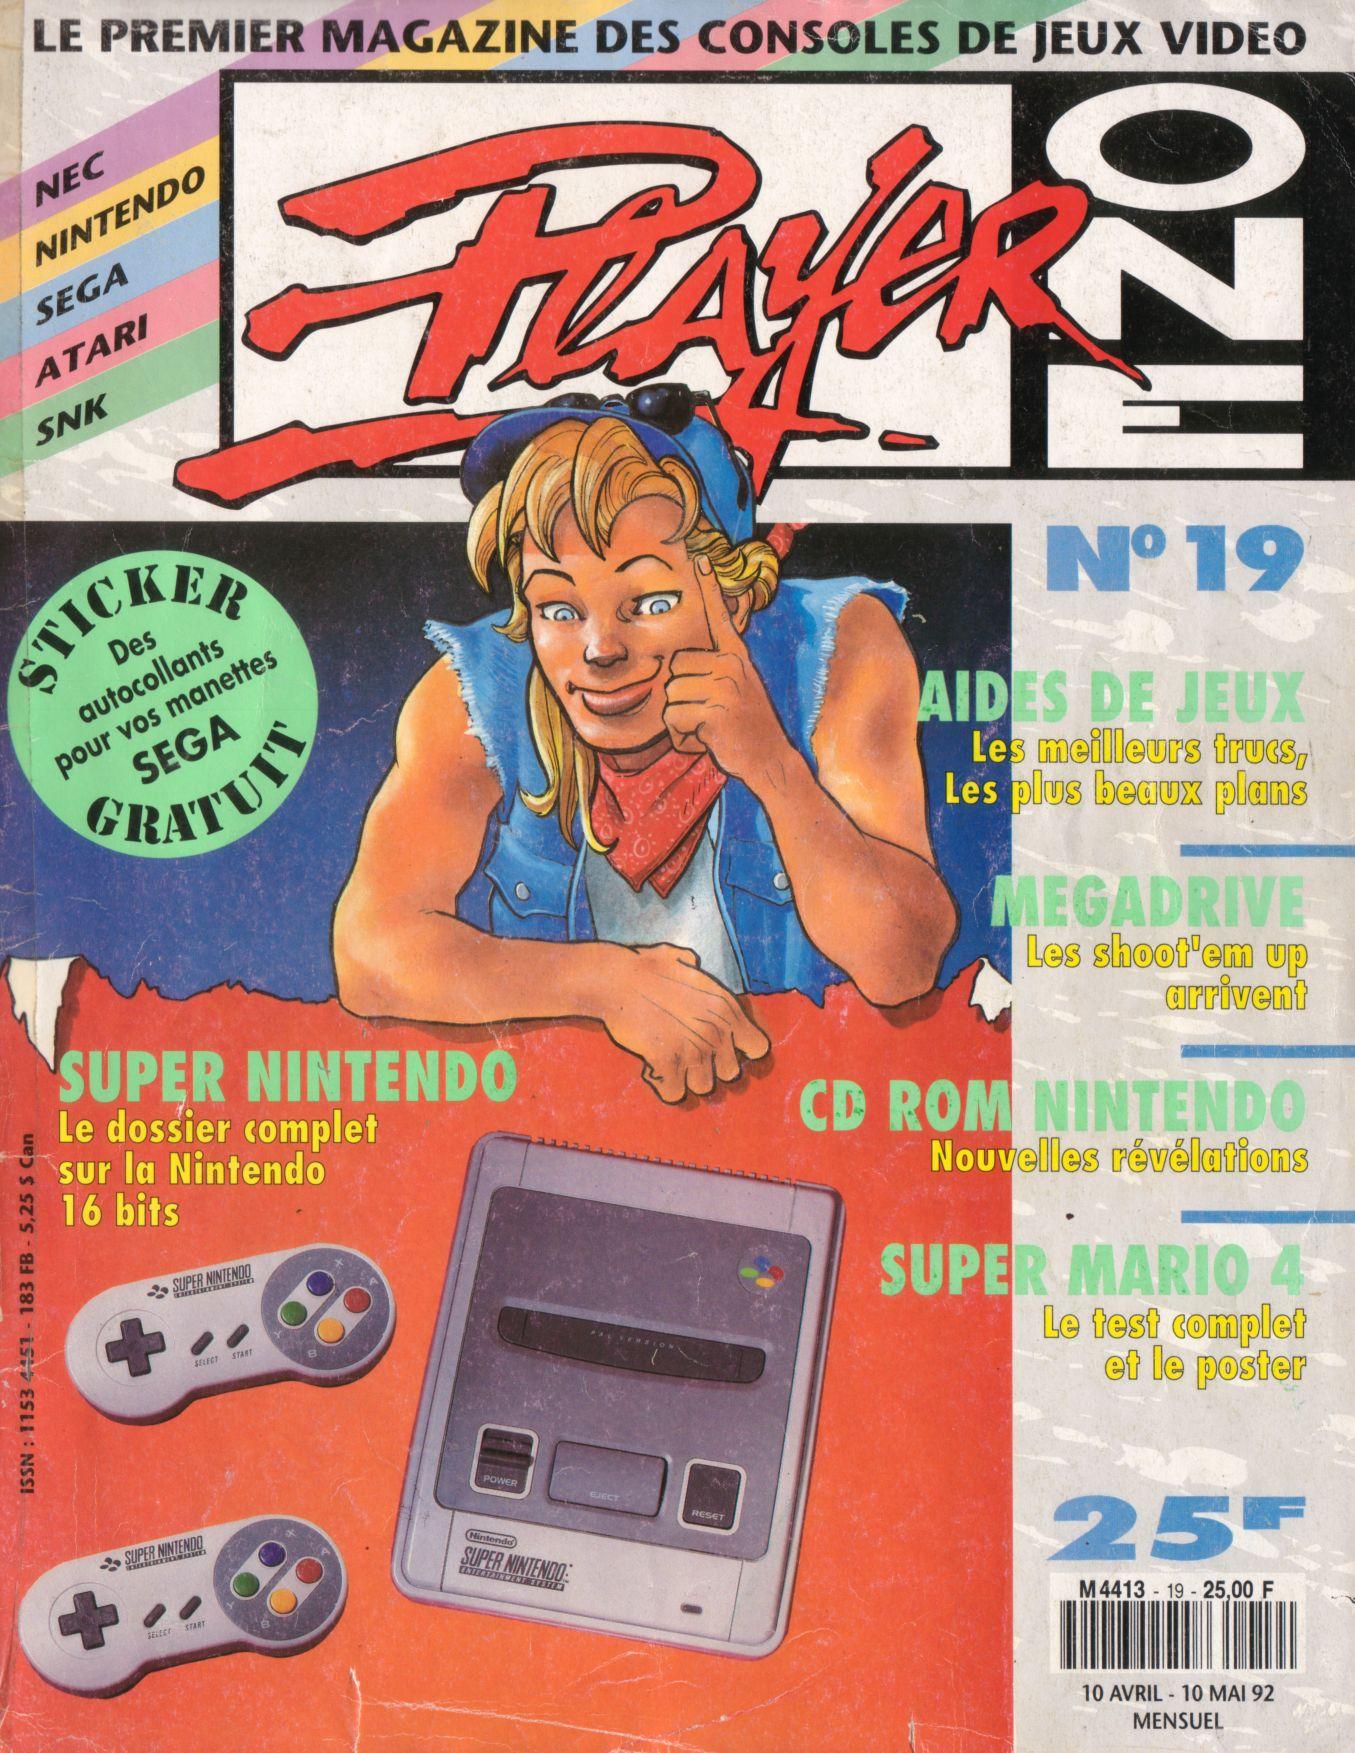 Les revues de jeux vidéos Player%20One%20019%20-%20Page%20001%20(1992-04)